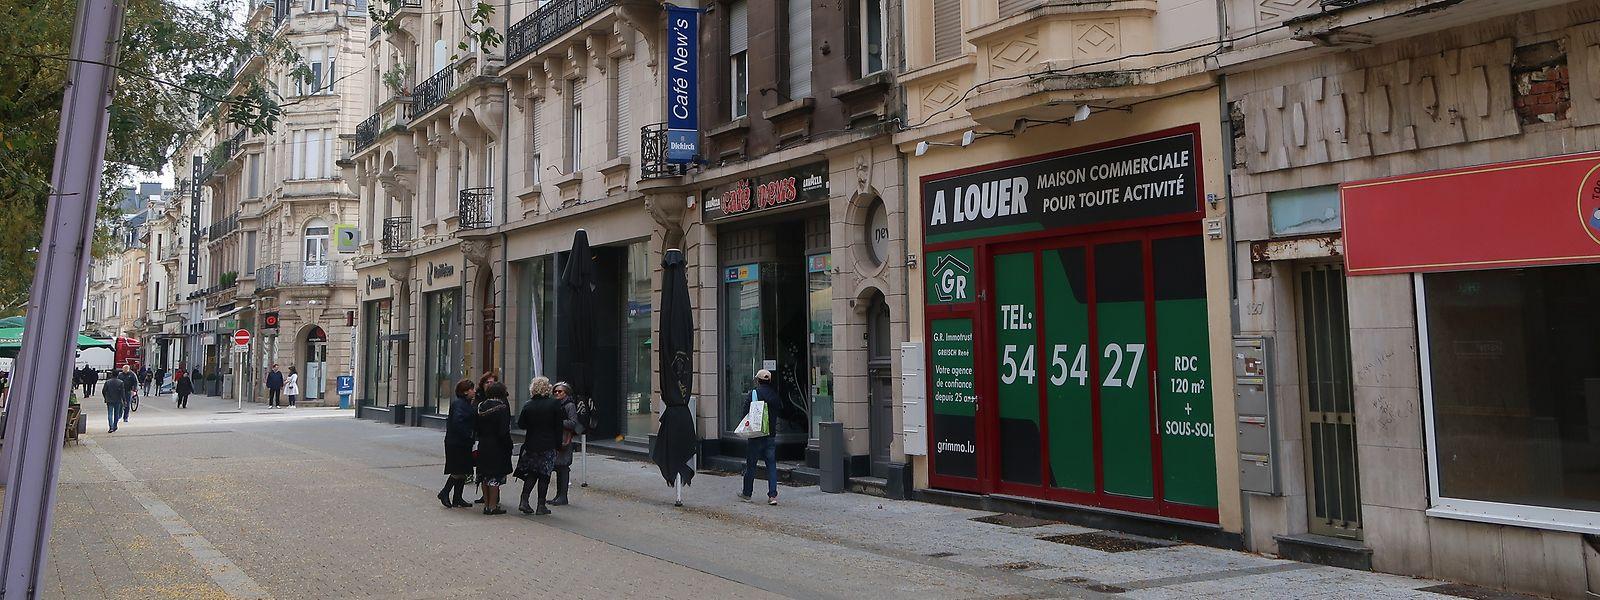 """Noch steht in großen Buchstaben """"à louer"""" am 125, Rue de l'Alzette. In den kommenden Monaten soll dort ein Restaurant, das von Flüchtling betrieben wird, öffnen."""